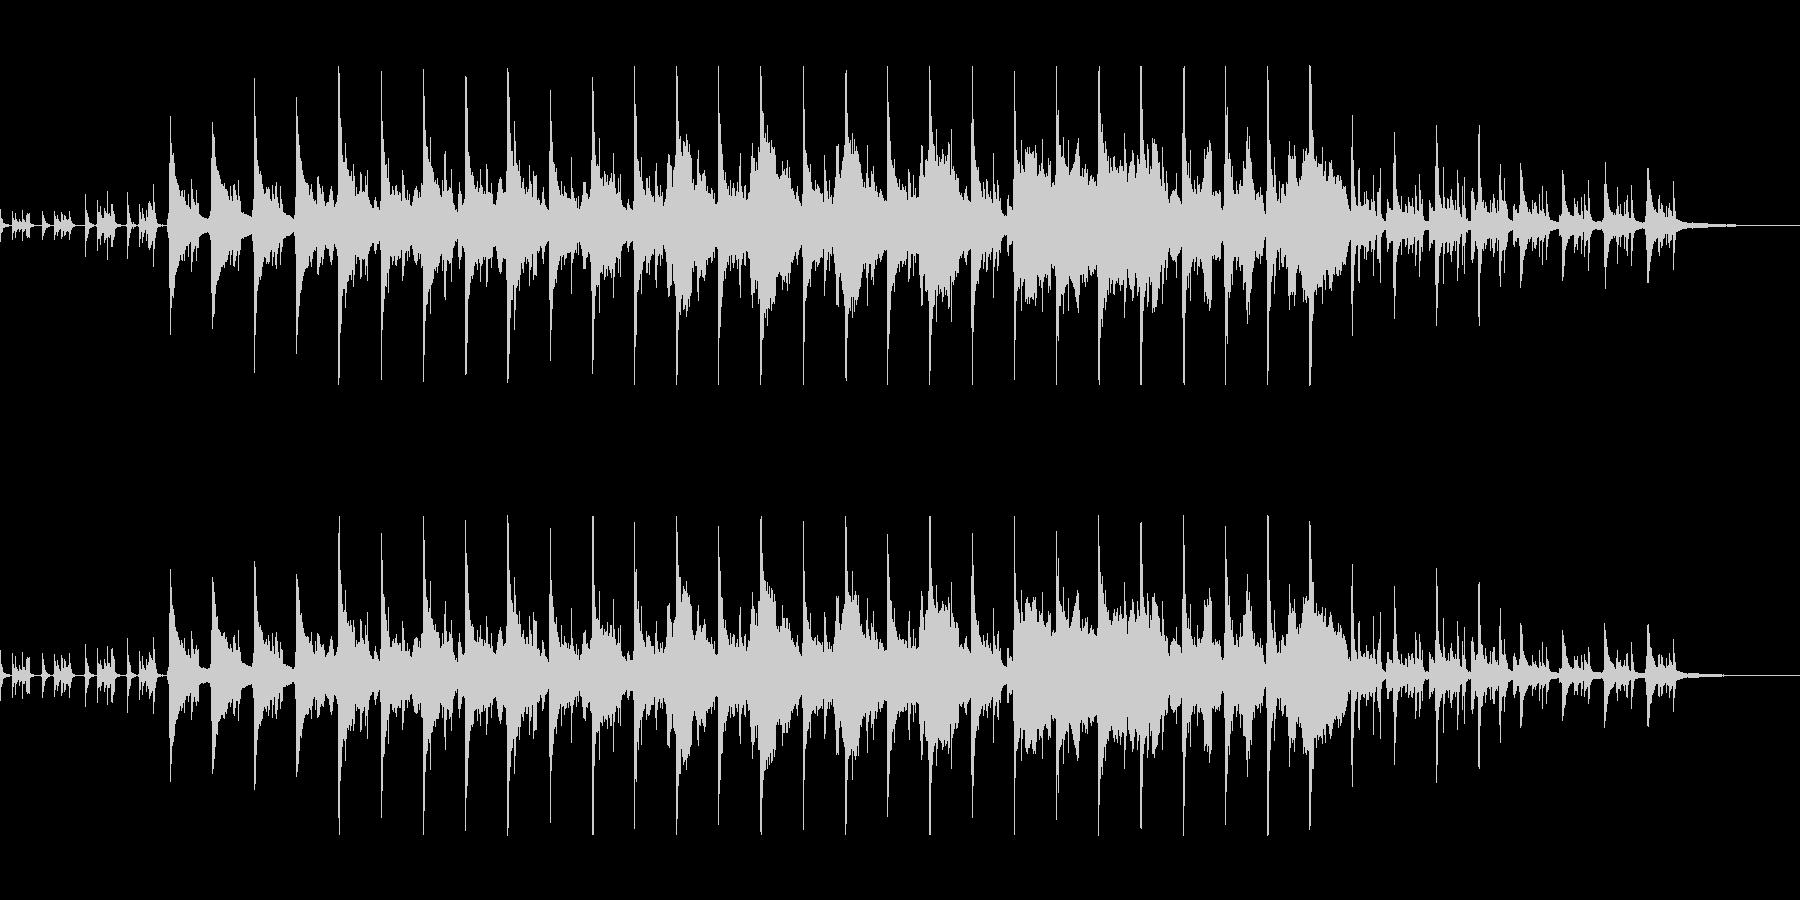 バイオリンのアコースティック・ポップスの未再生の波形